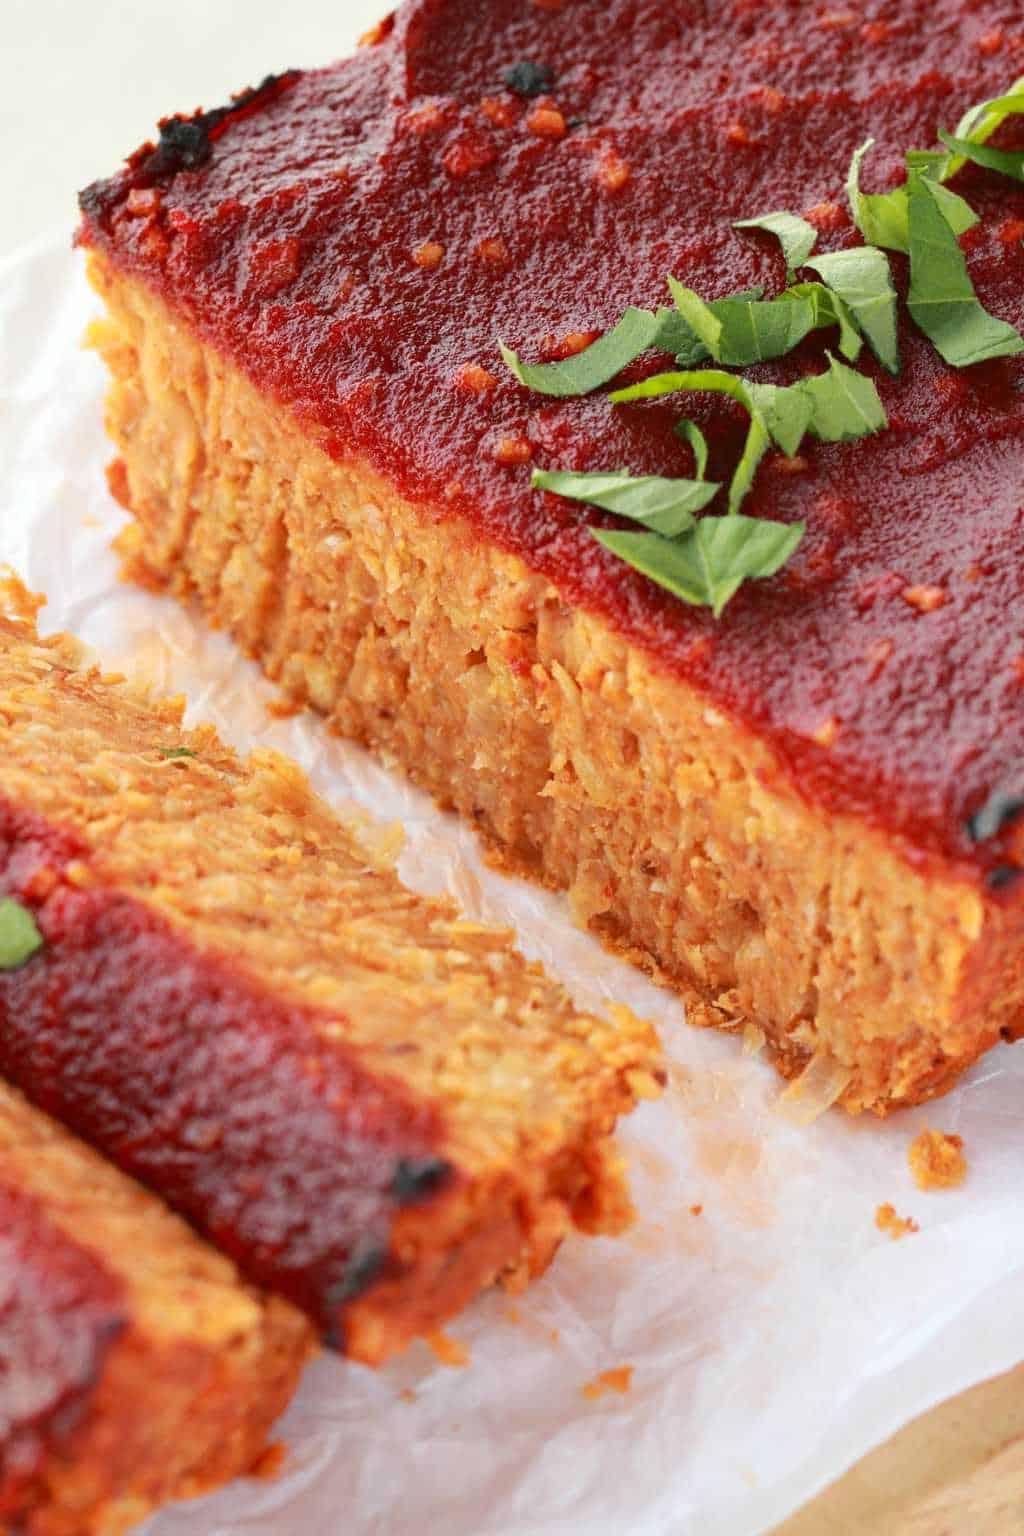 Vegan Meatloaf, sliced, on parchment paper.